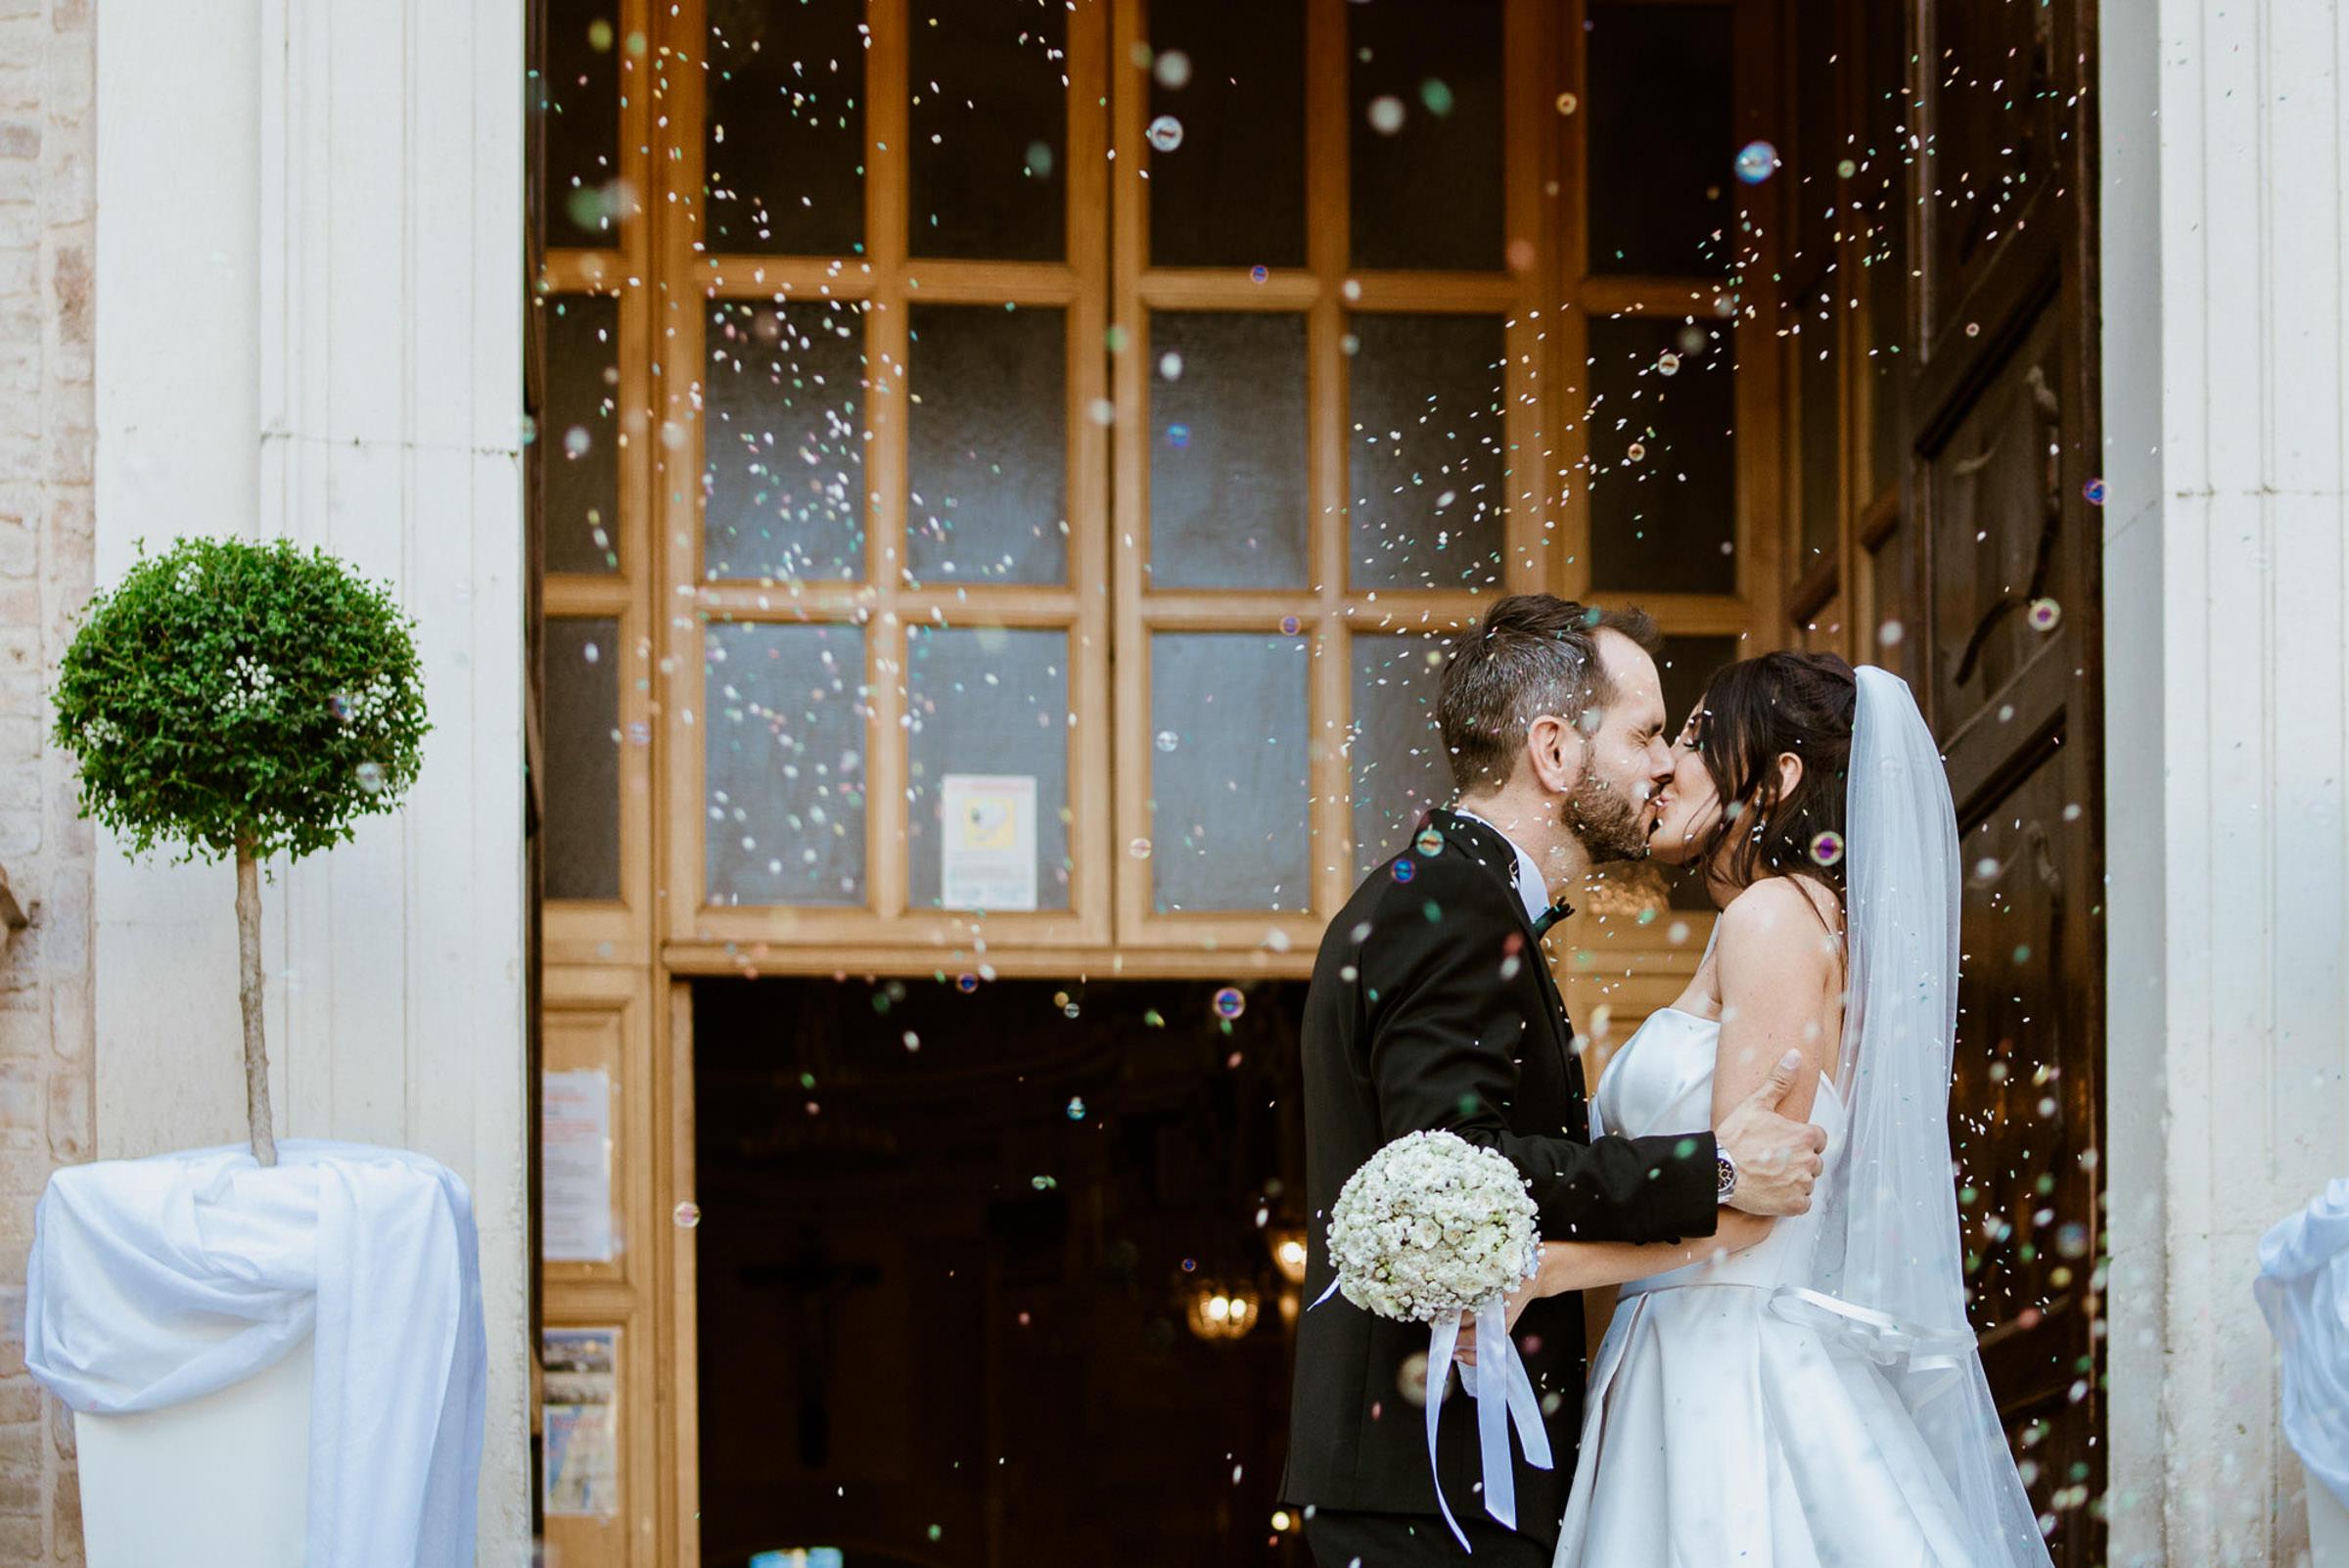 cedric e valentina sposi perfetti